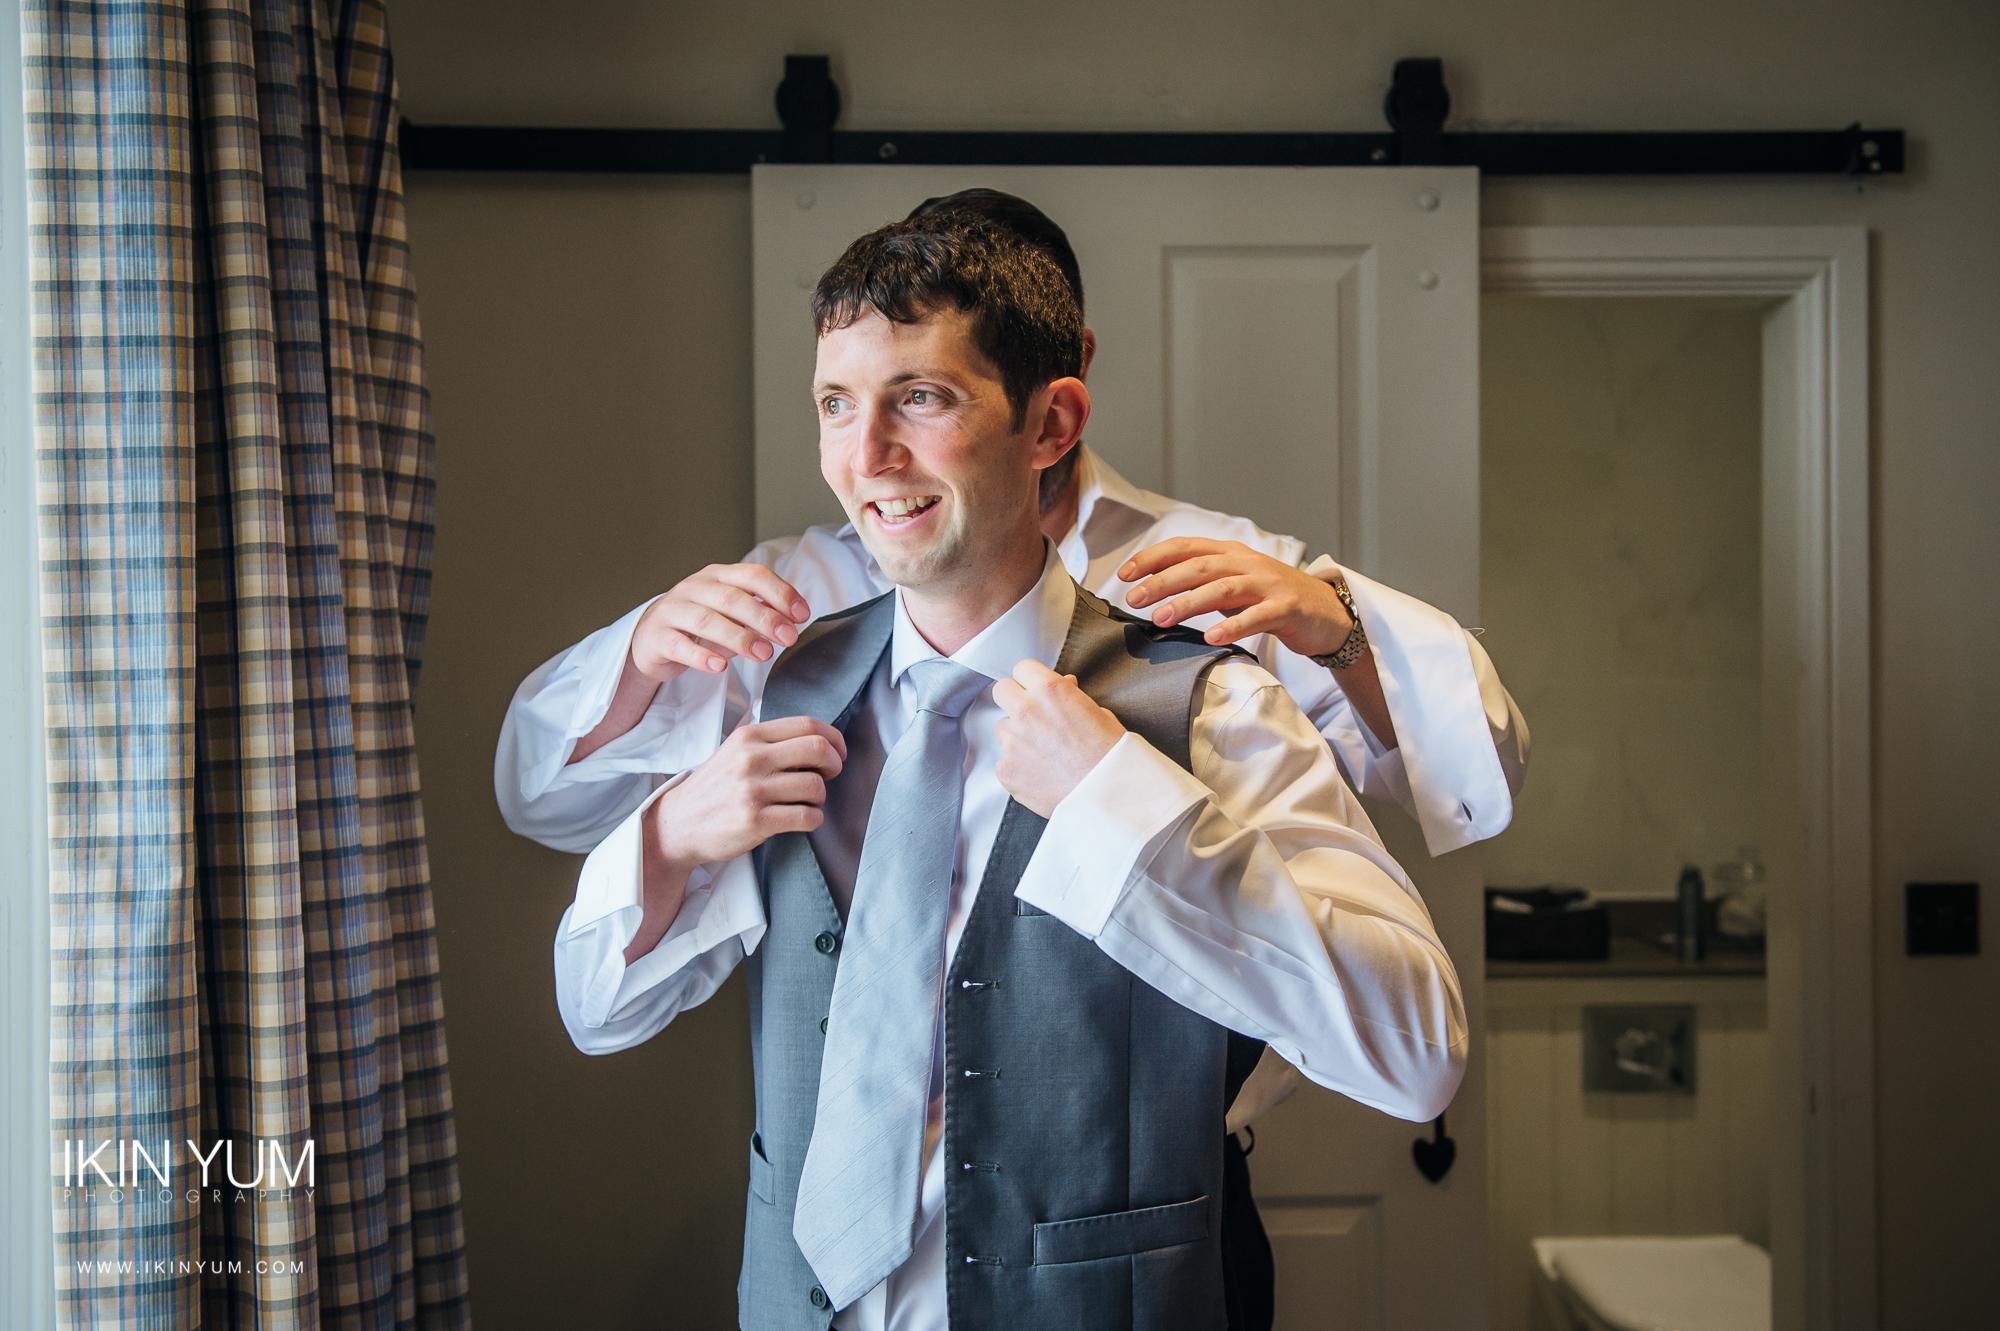 Nicola & Jonny Wedding Day - Ikin Yum Photography-033.jpg